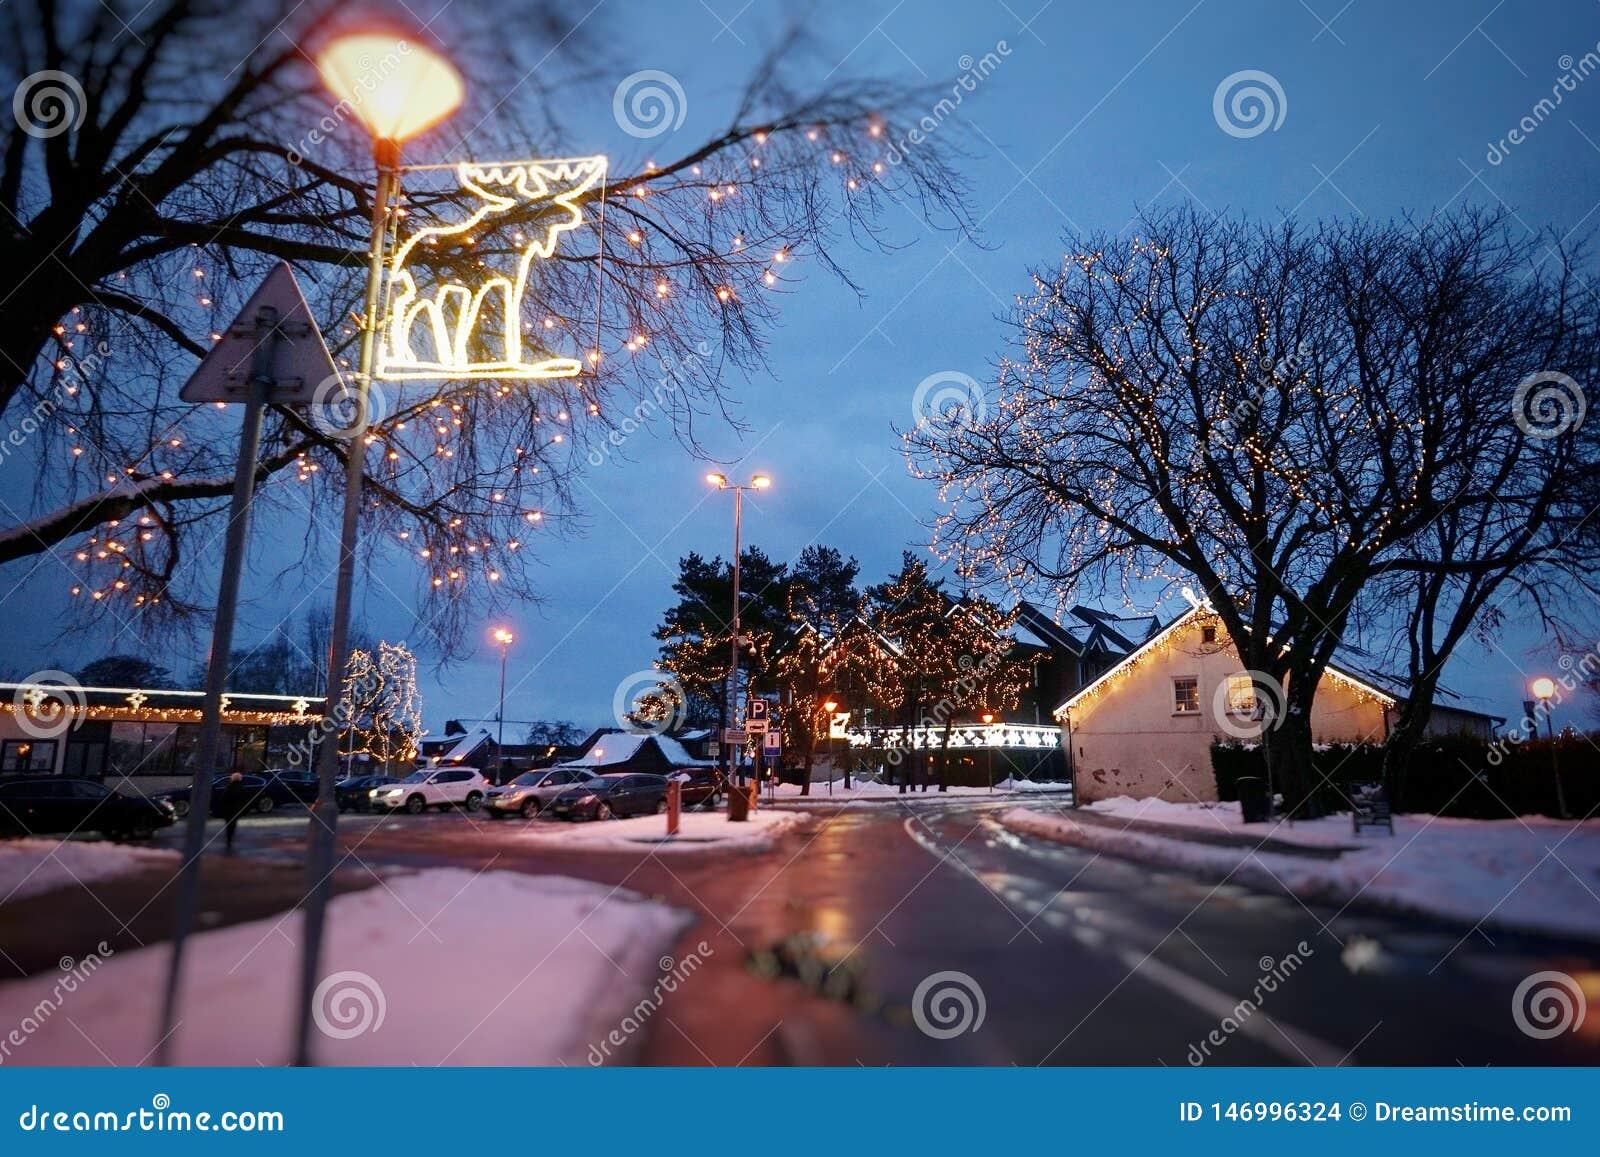 Nida City in Lituania, nel periodo di Natale